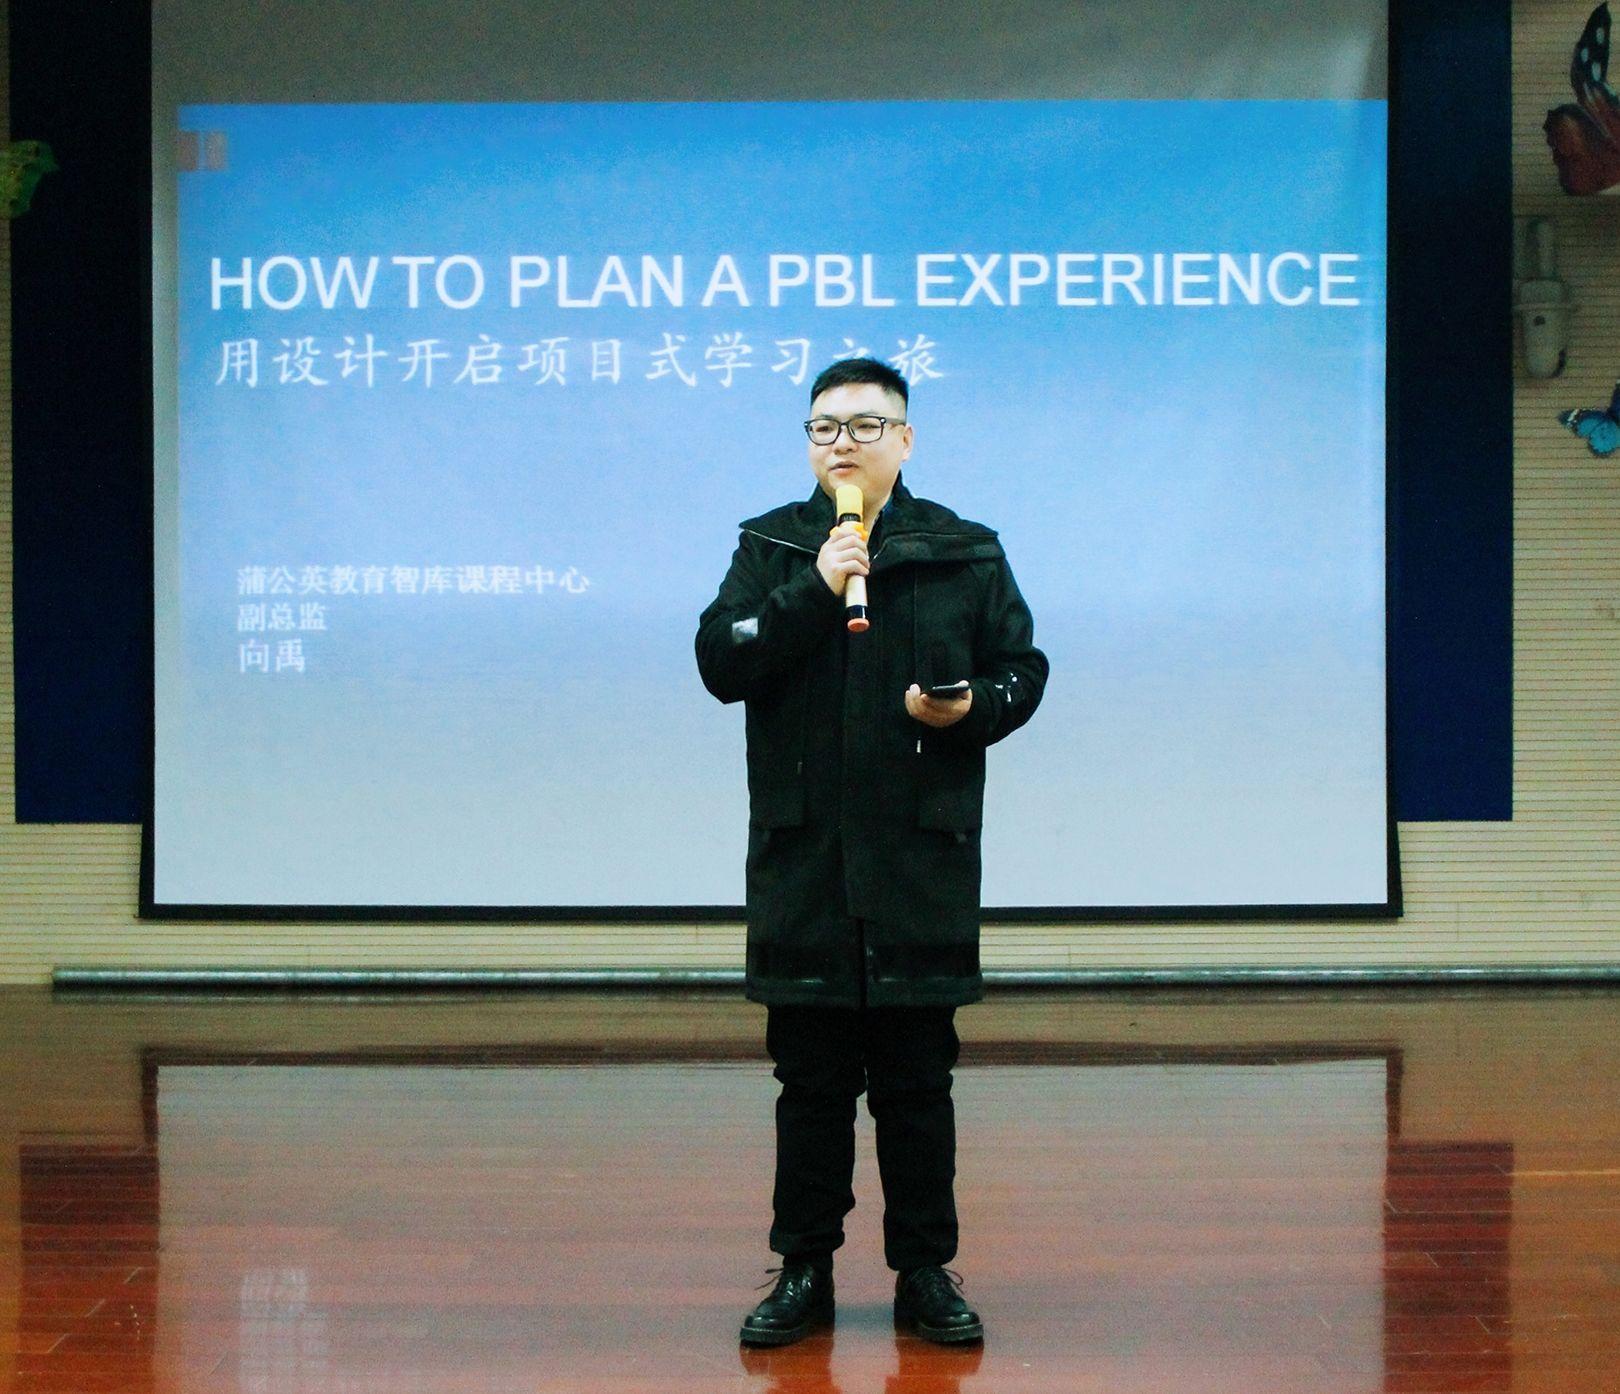 启动PBL引擎 引爆学习革命 ——中南国际小学项目式学习课程培训